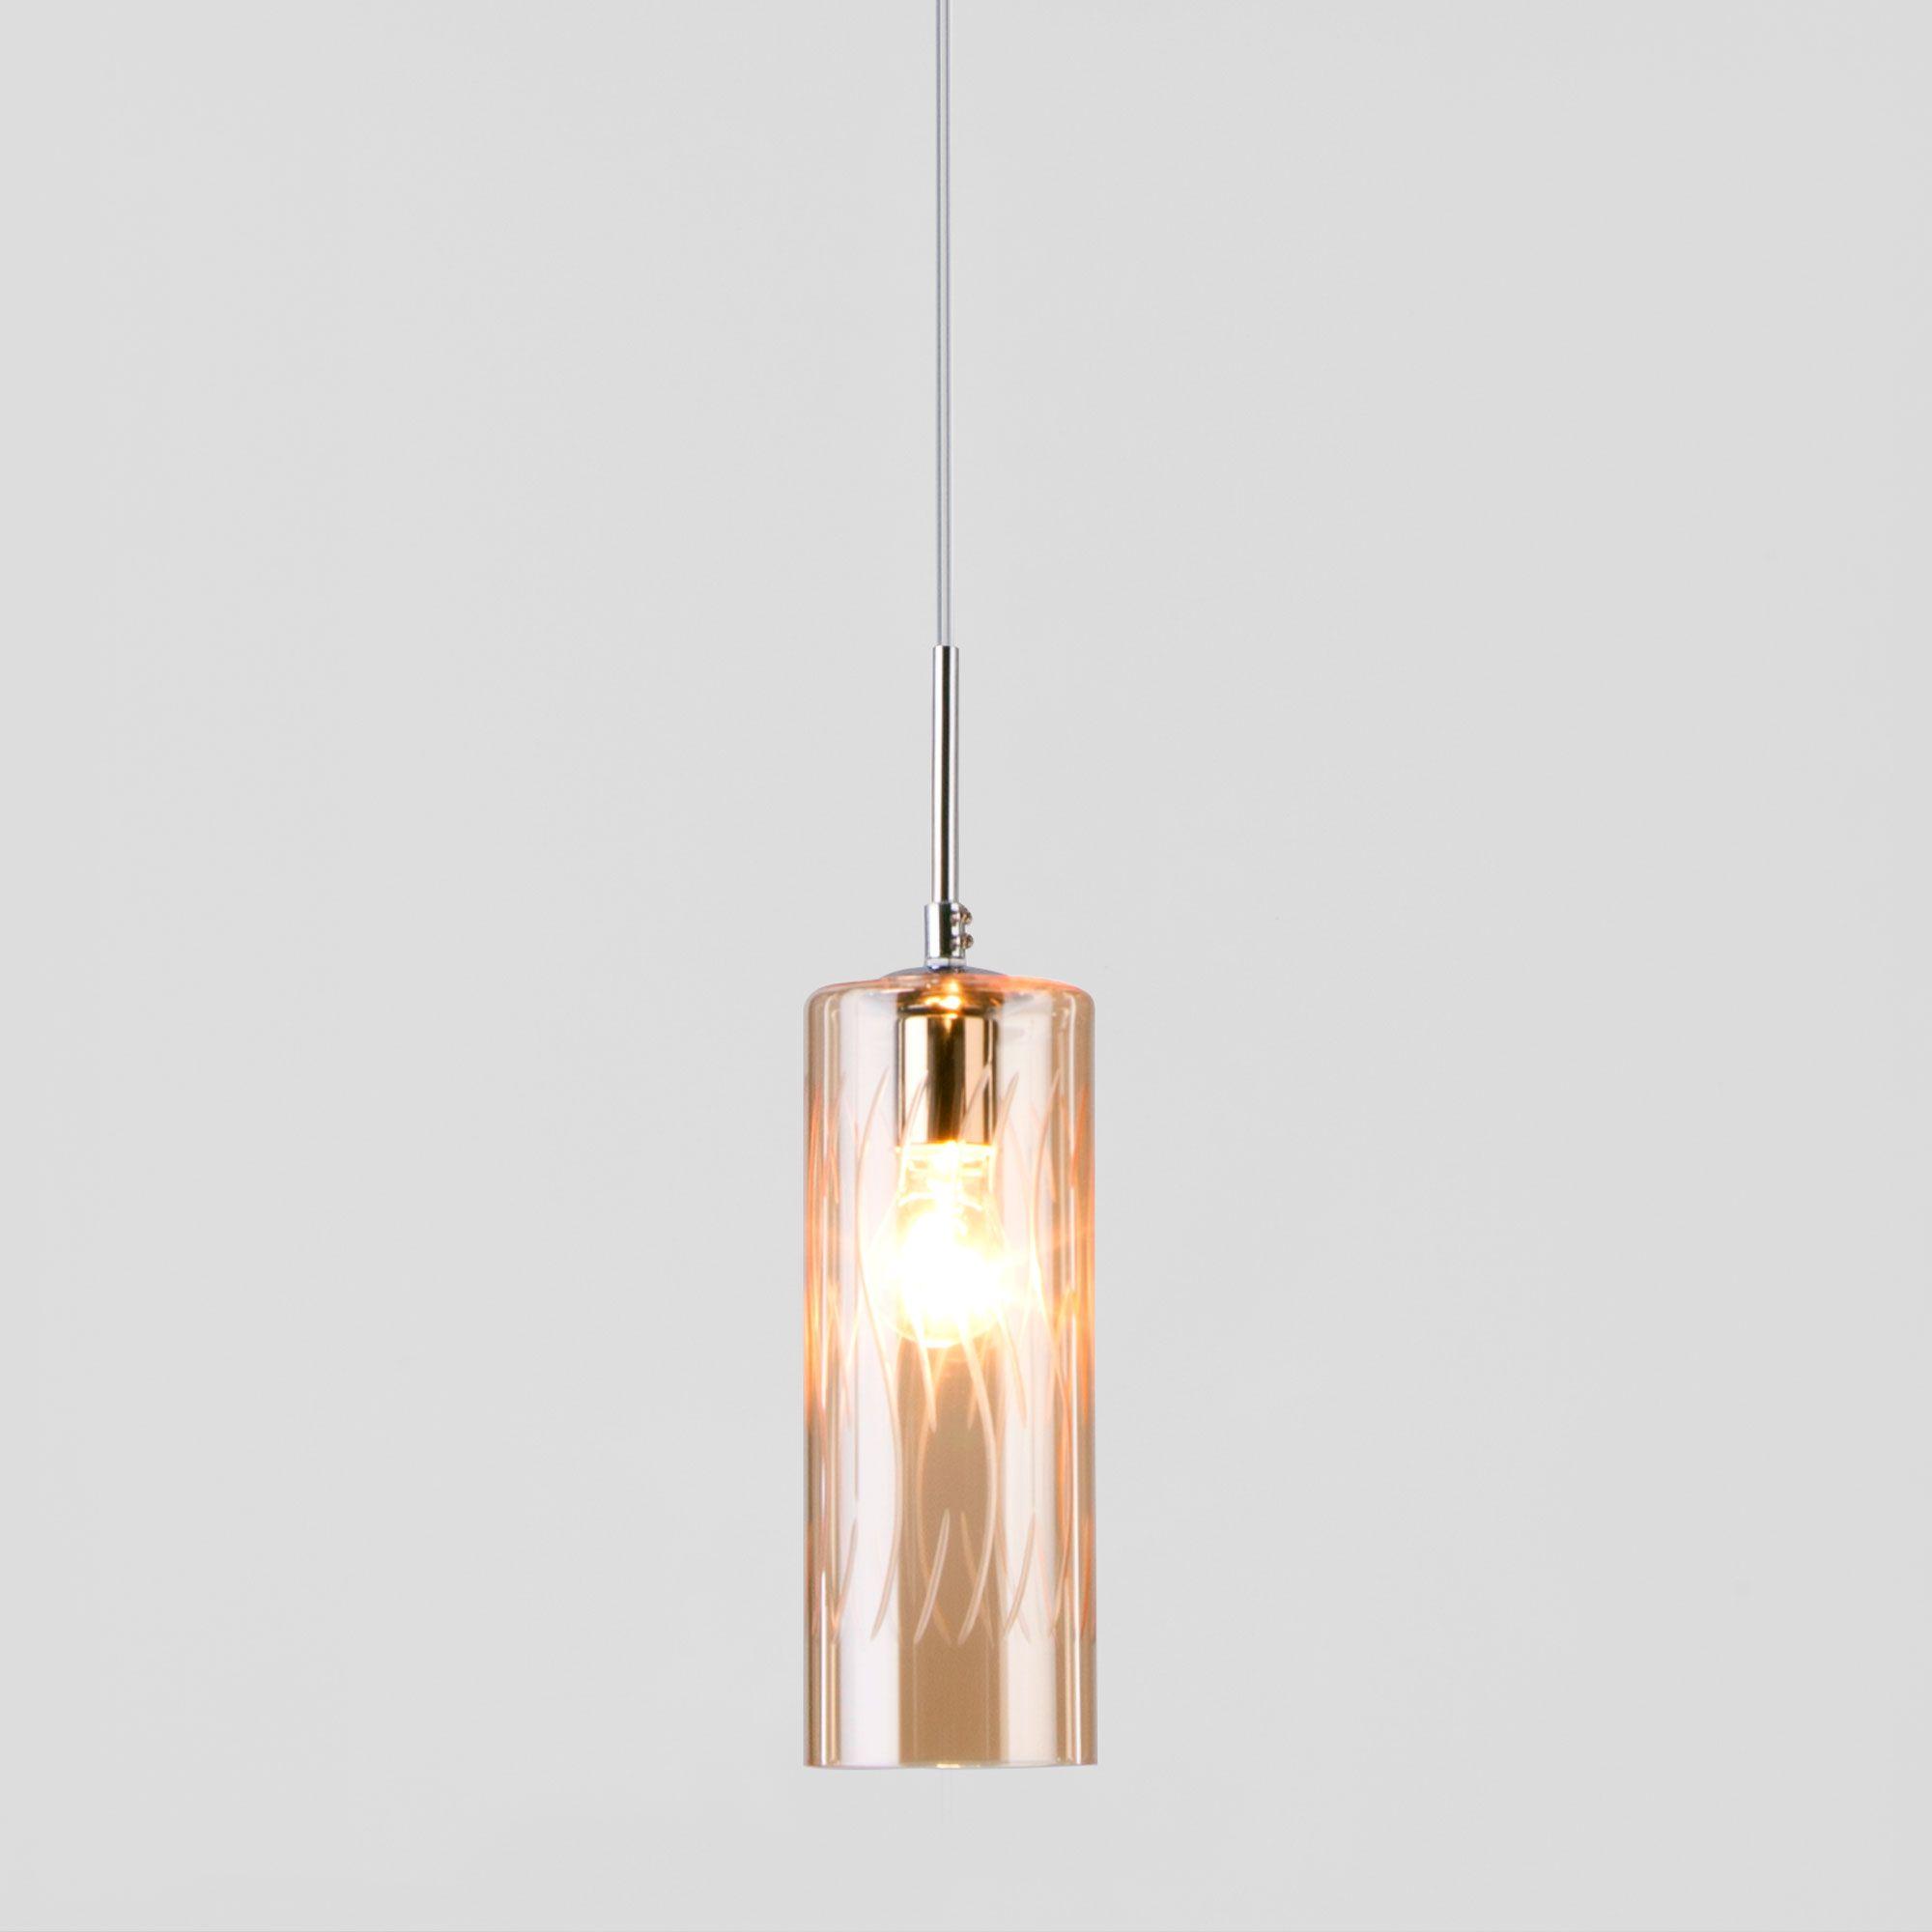 Подвесной светильник со стеклянным плафоном 50149/1